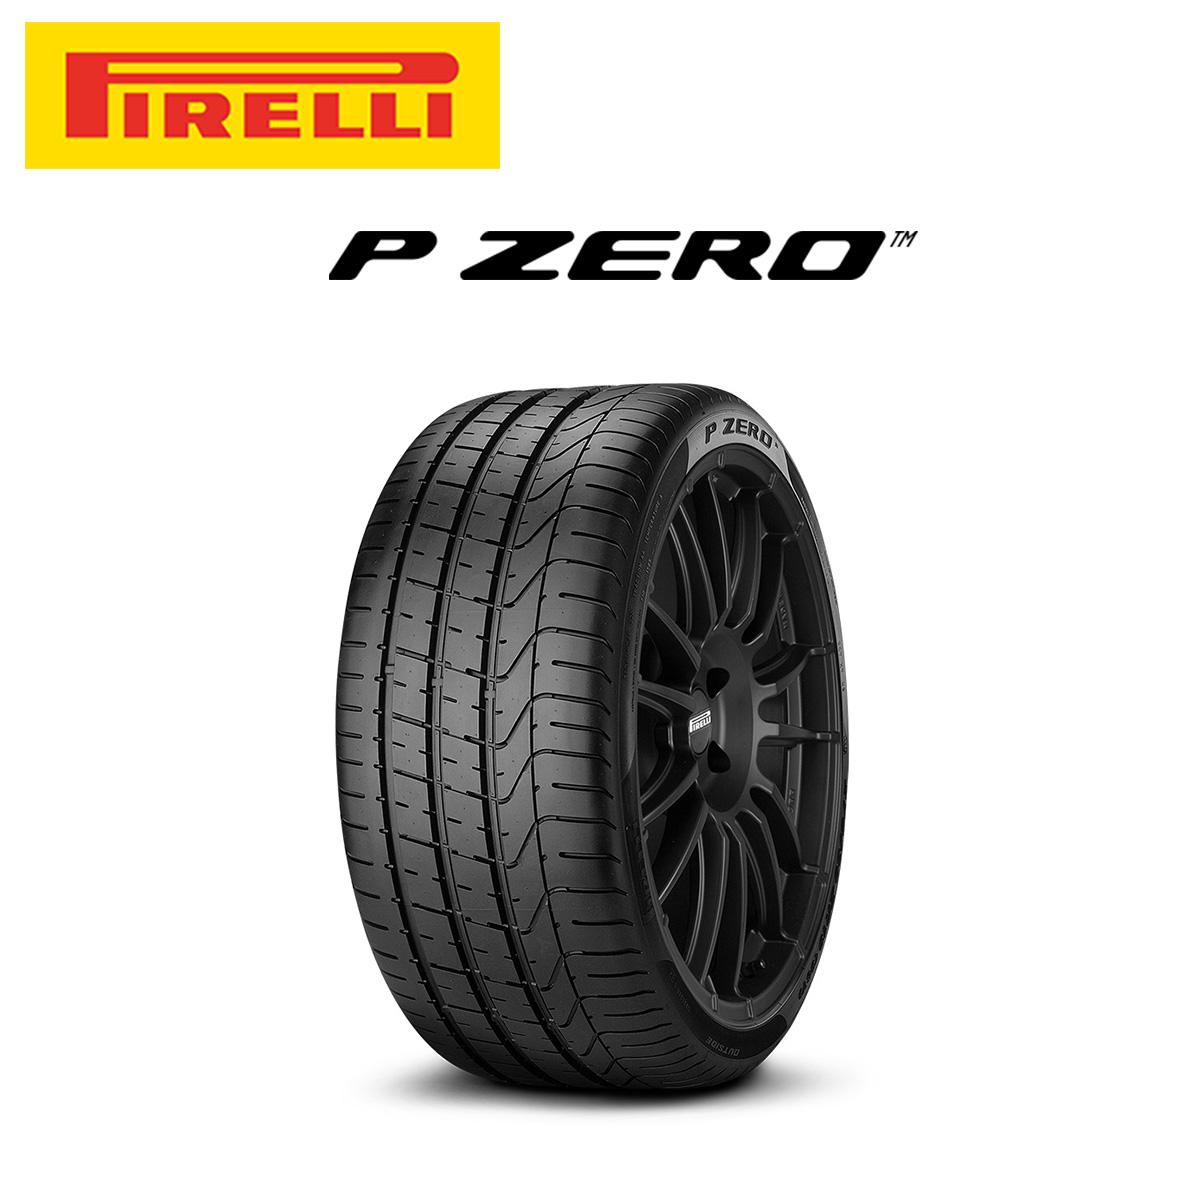 ピレリ PIRELLI P ZERO ピーゼロ 19インチ サマー タイヤ 4本 セット 305/30ZR19 102Y XL RO1:アウディ承認タイヤ 1777900